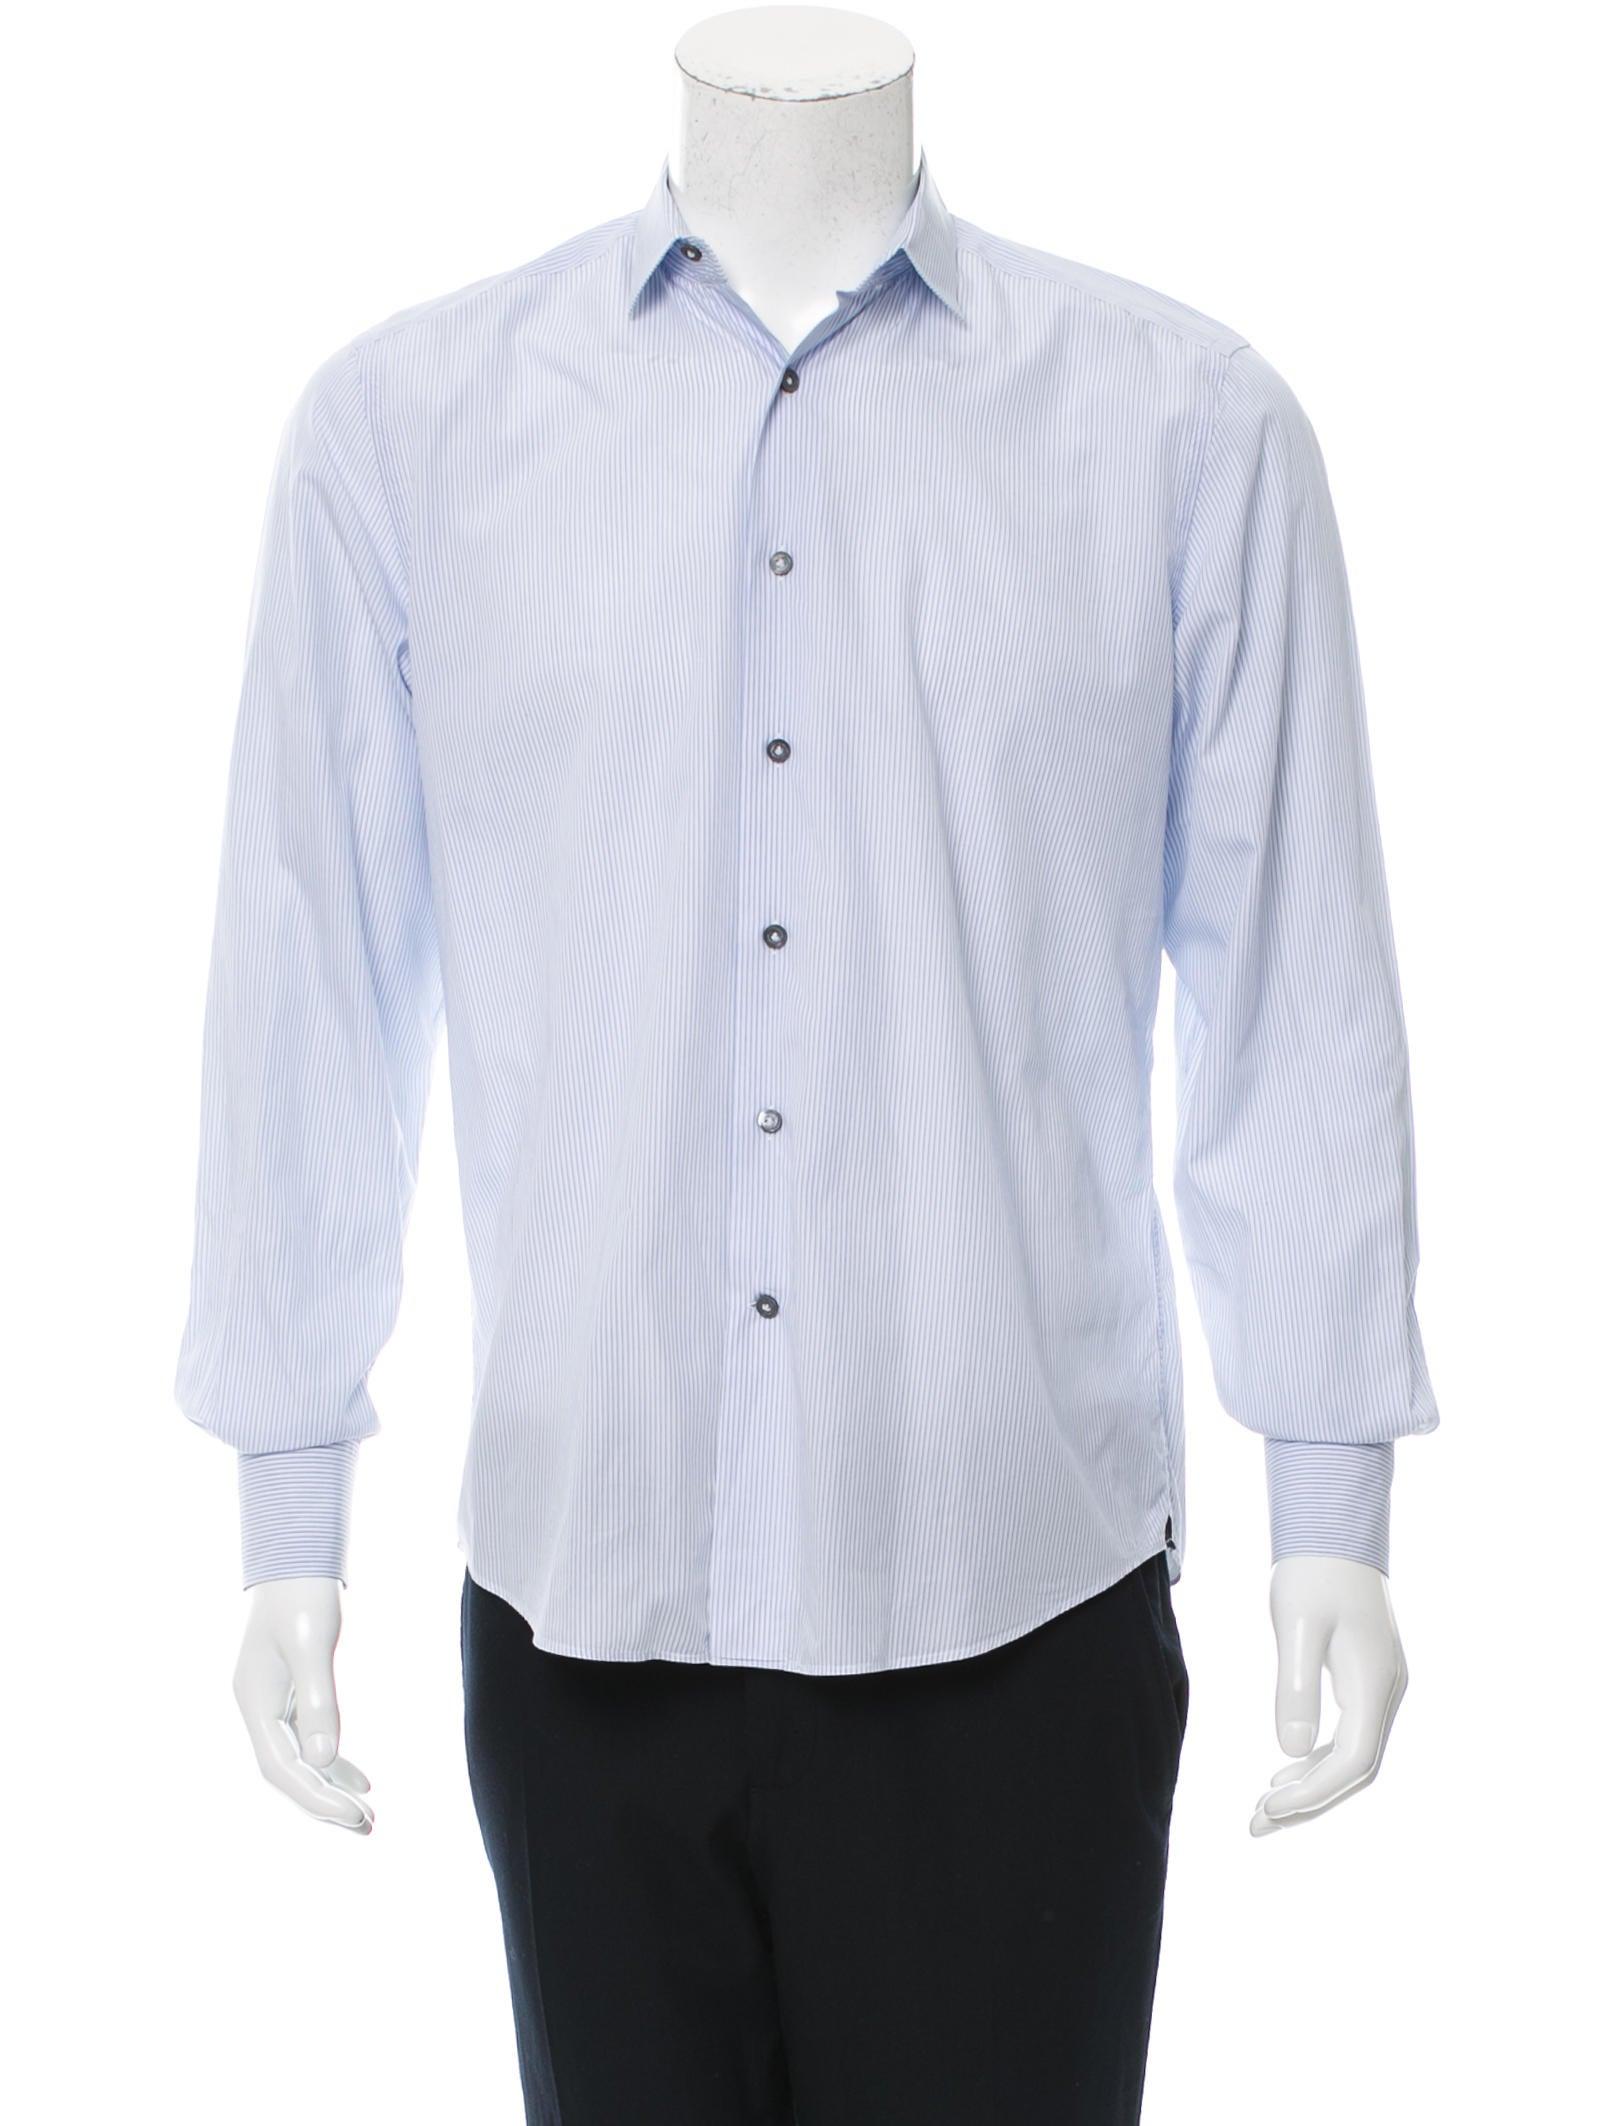 Lanvin striped button up shirt clothing lan59586 the for Striped button up shirt mens